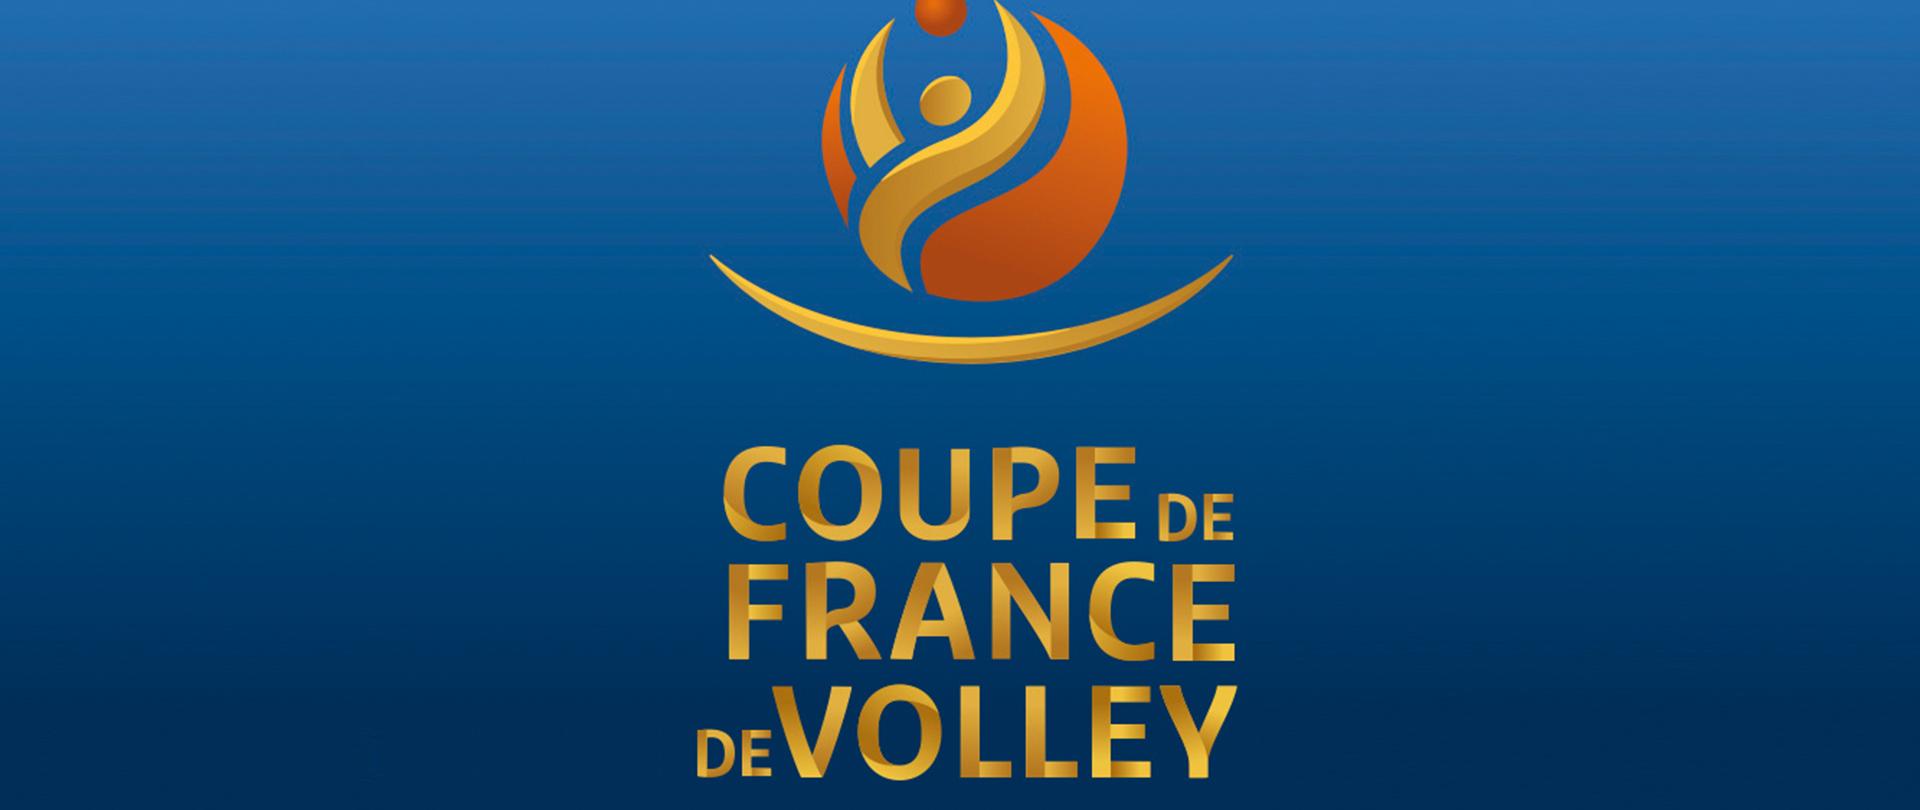 Cdf montpellier d fait tourcoing montpellier volley - Coupe de france de volley ...